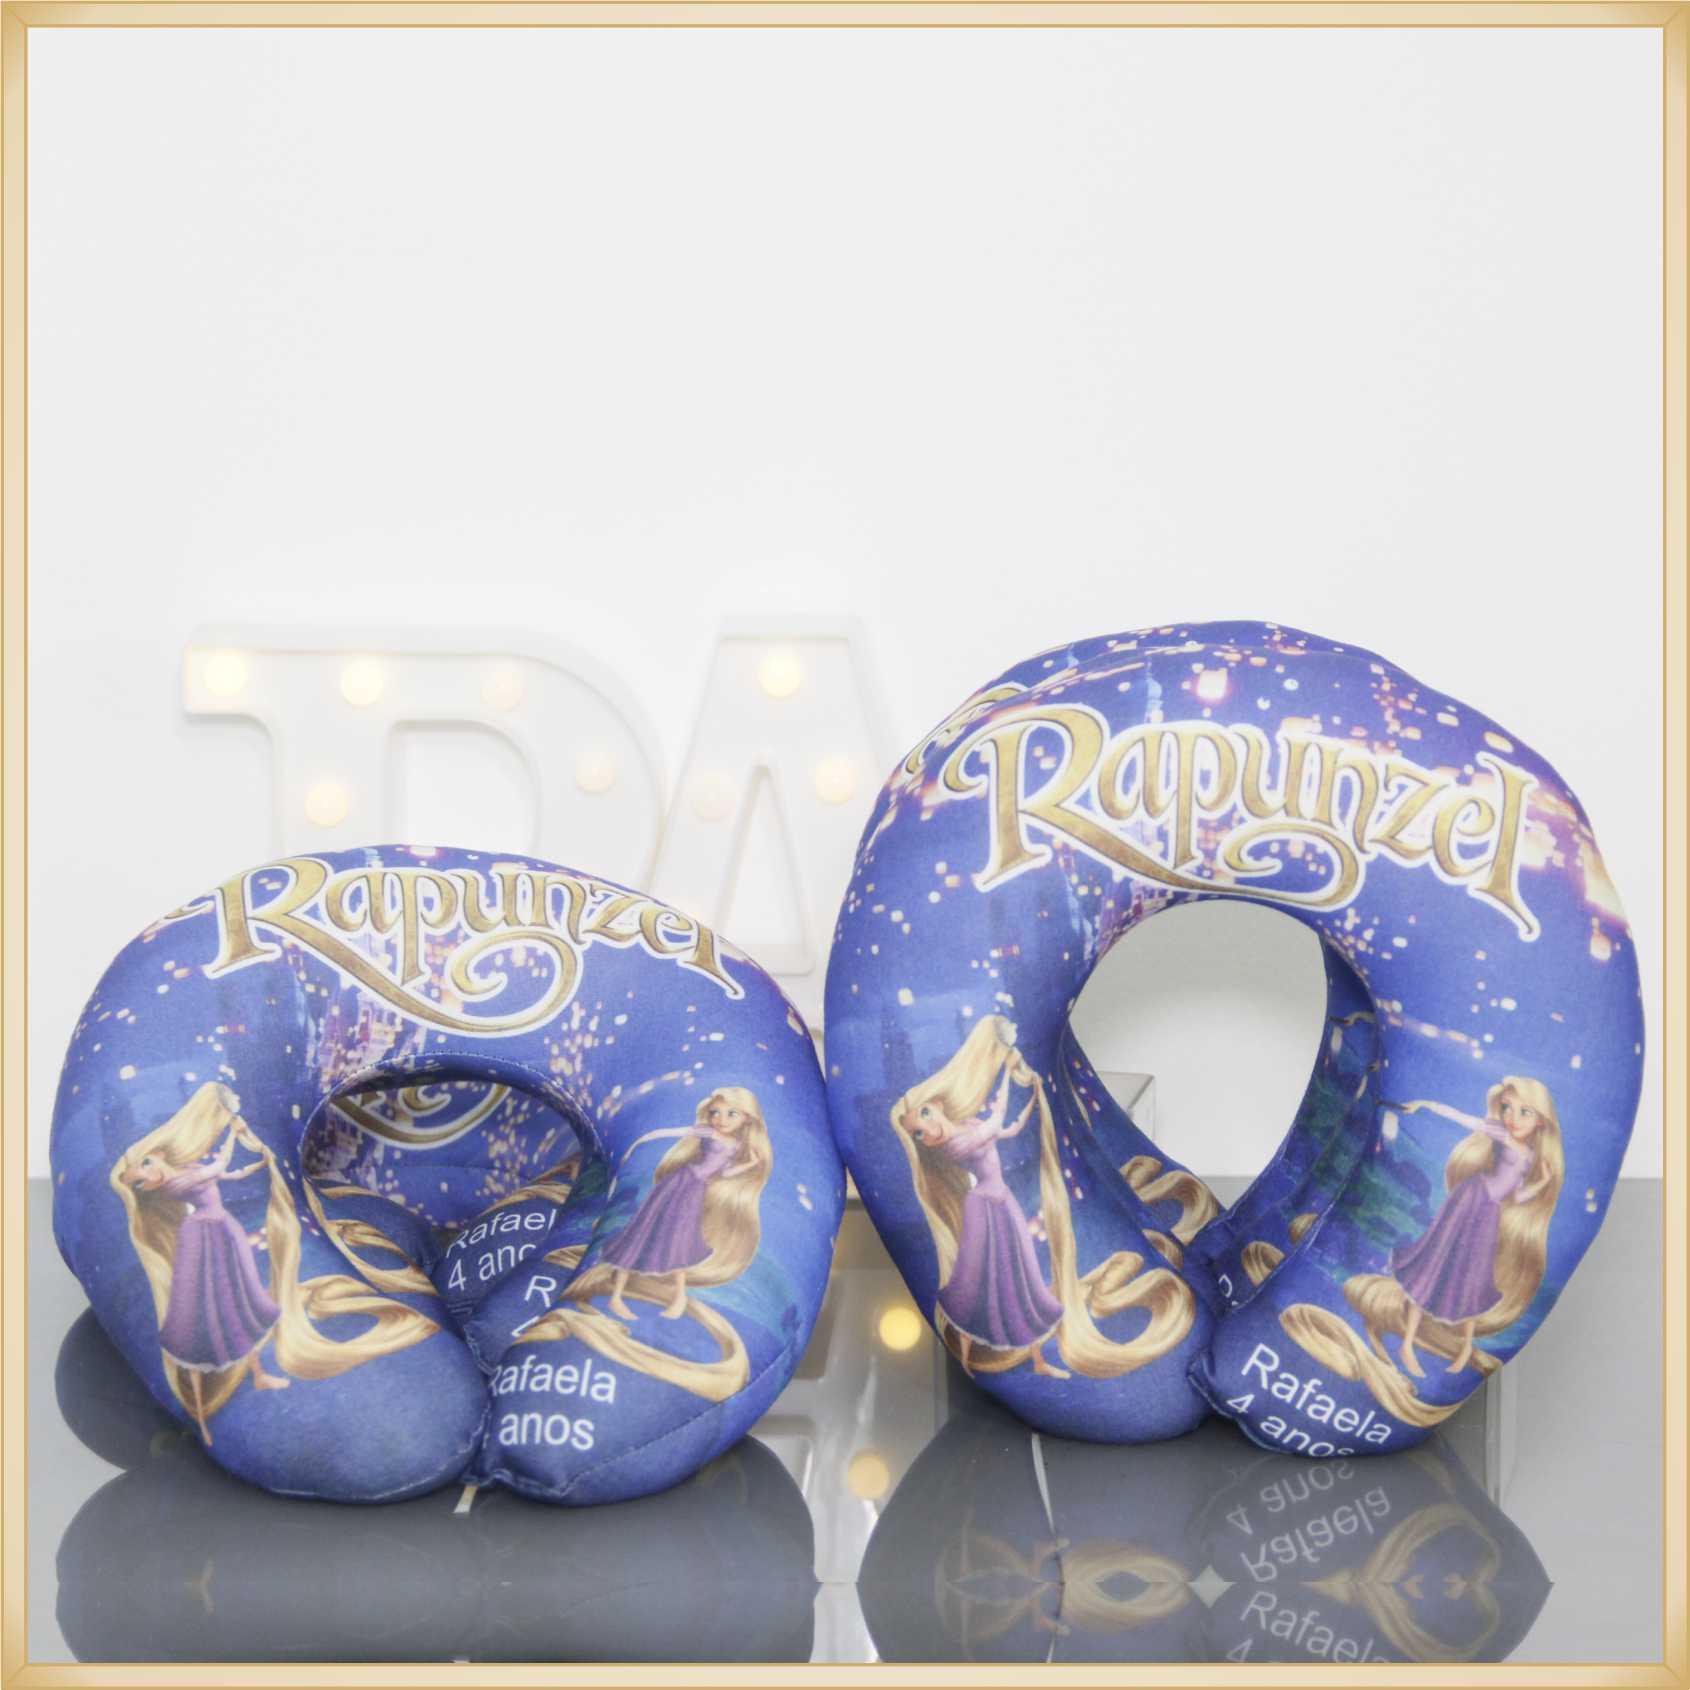 Almofadas apoio de pescoço Travesseiro para viagem Personalizada para Lembrancinha de Aniversário infantil Brindes para criança - Kit com 10 unidades